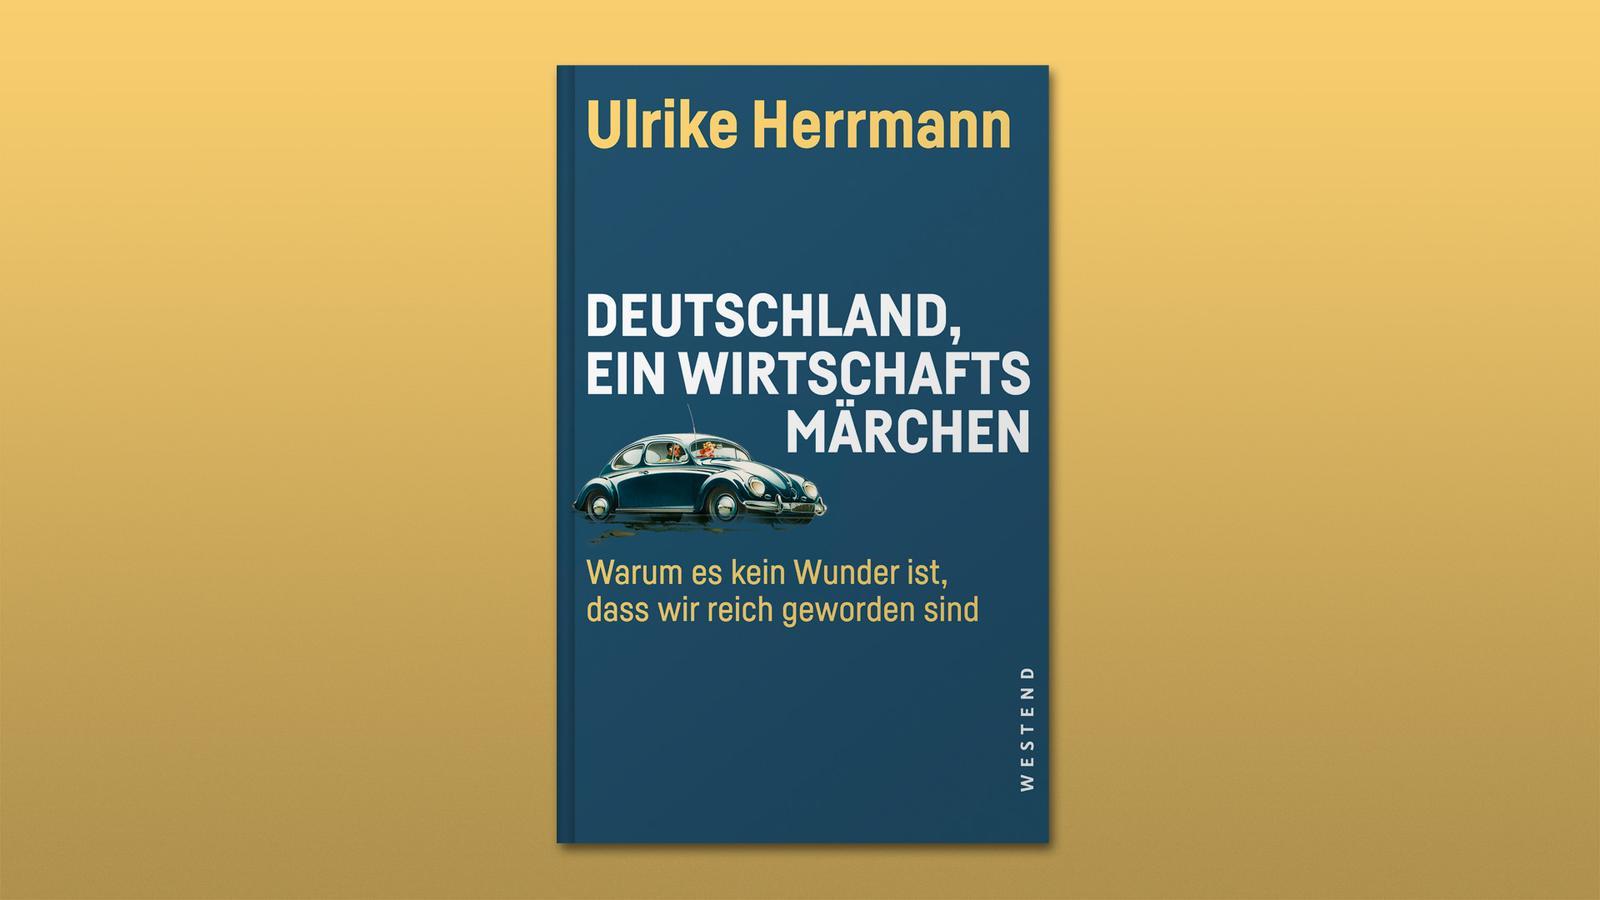 ulrike-herrmann-wirtschaftsmaerchen-buch-2020